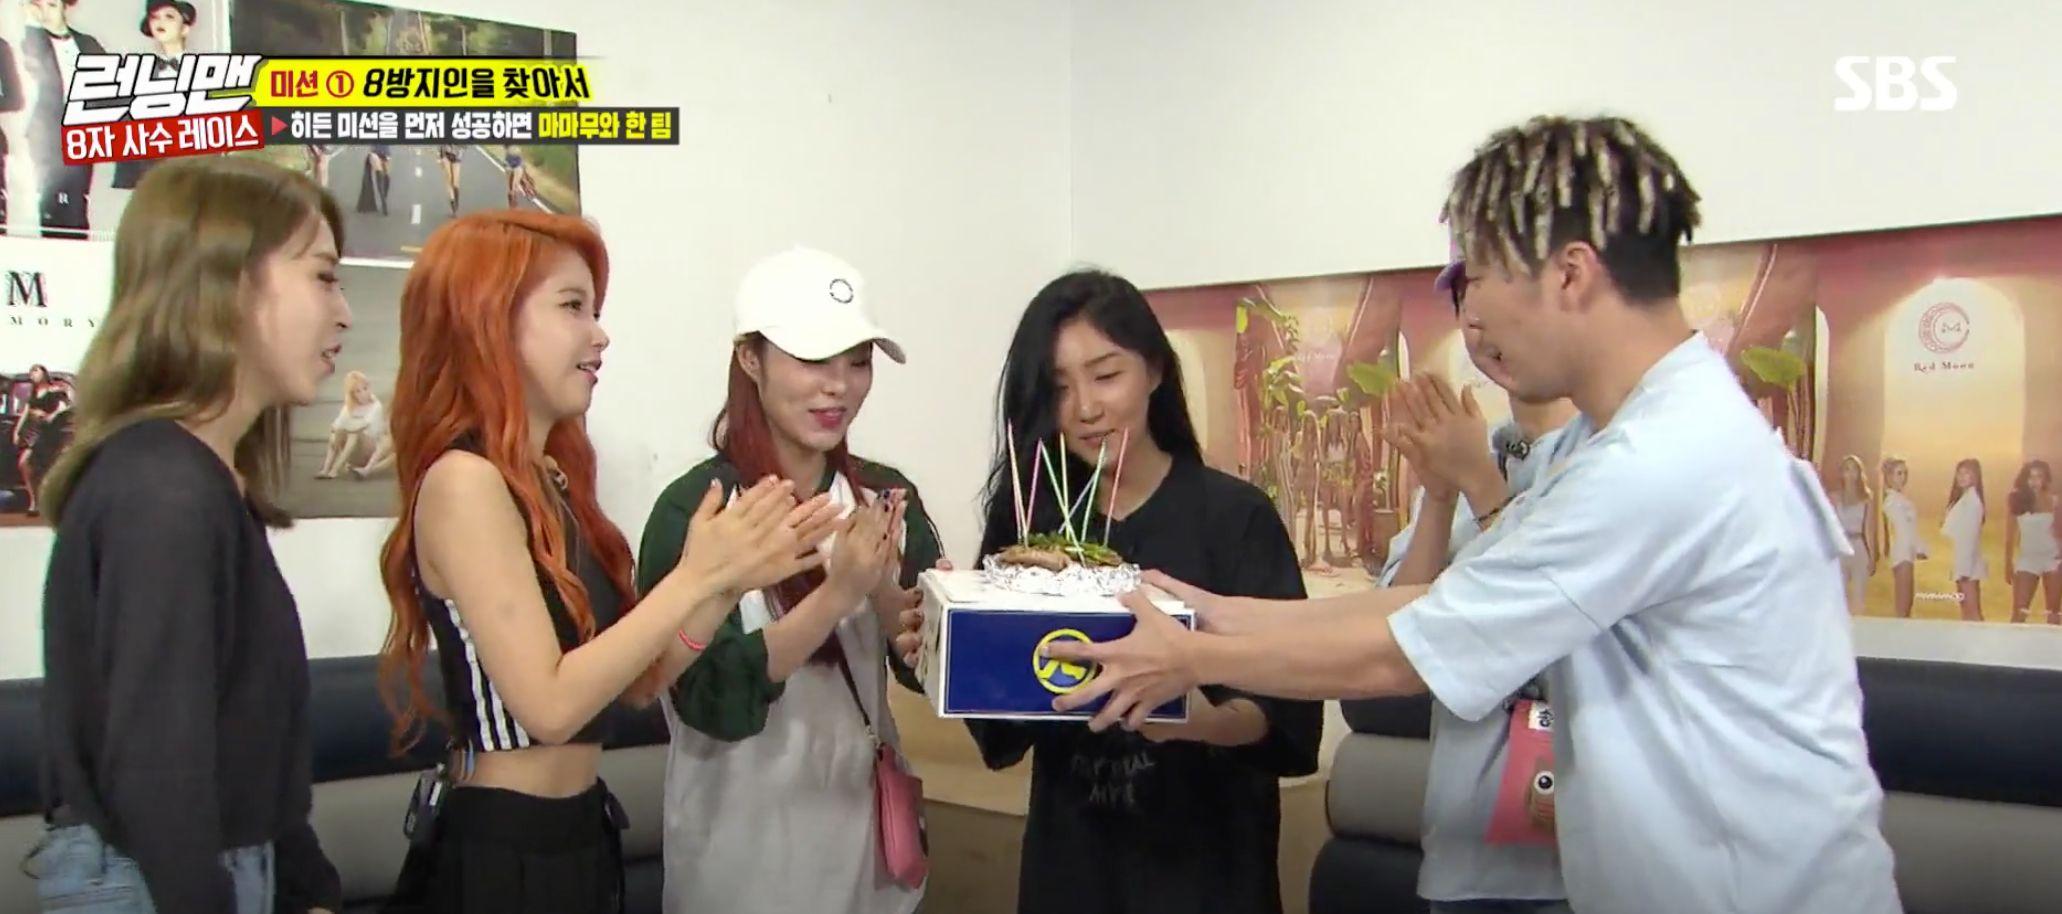 녹화 당일 생일 맞은 화사에게 '런닝맨' 멤버들이 선물한